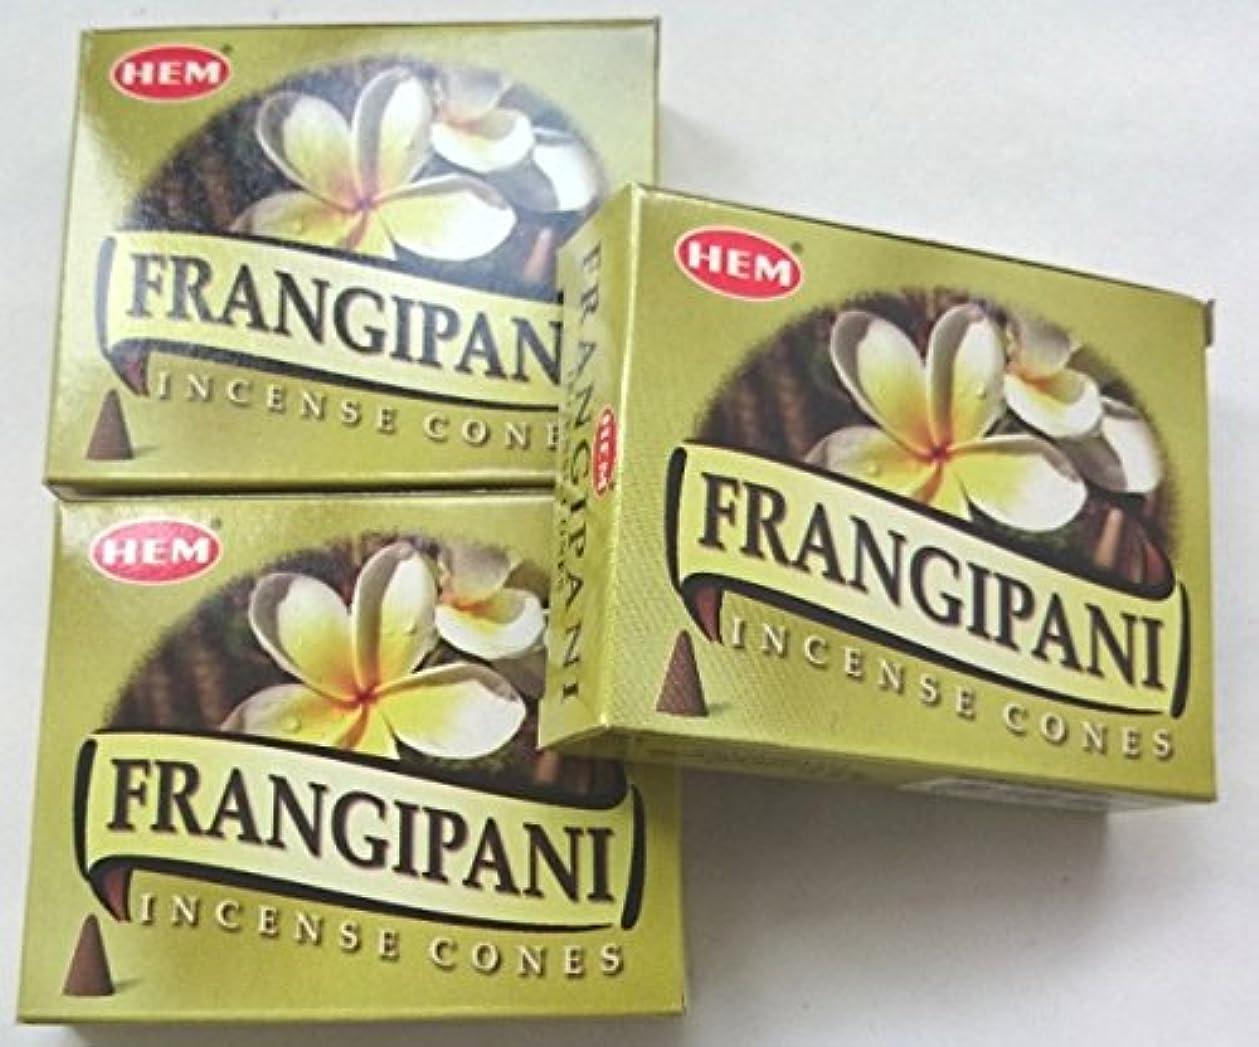 ガード依存するレンジHEM(ヘム)お香 フランジパニ コーン 3個セット